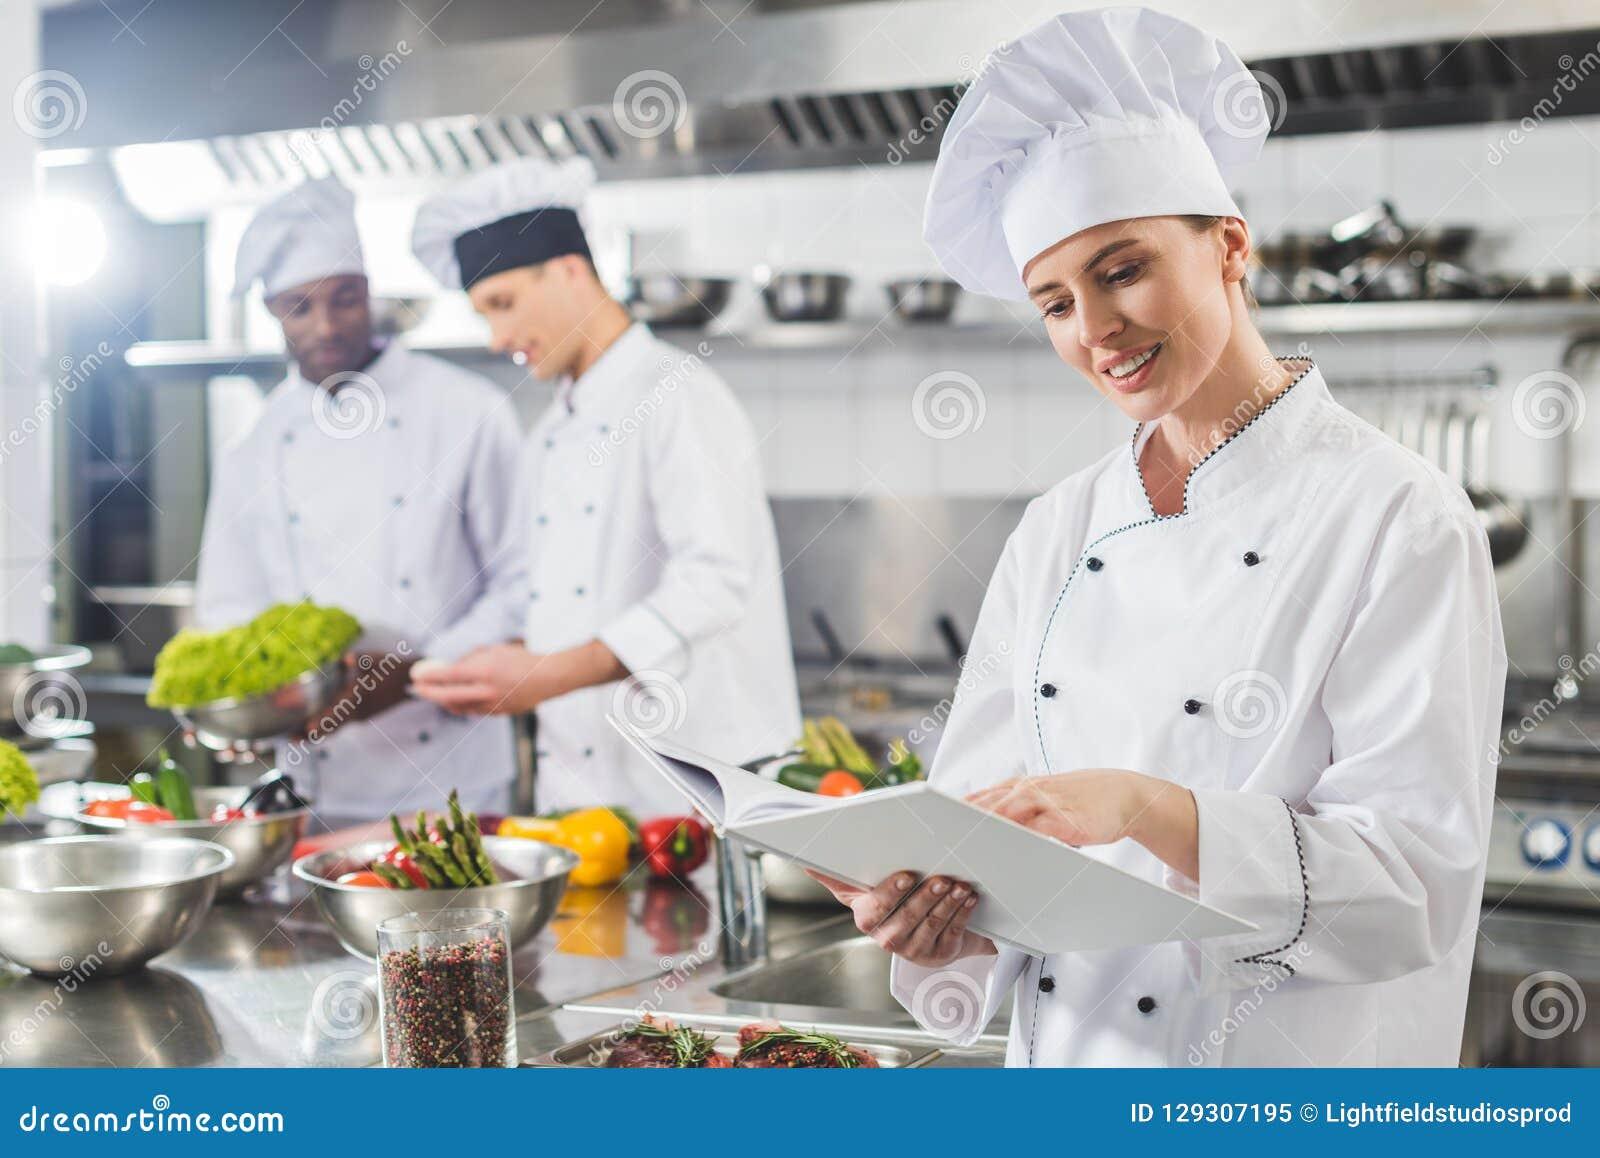 Attractive Chef Reading Recipe In Recipe Book Stock Image